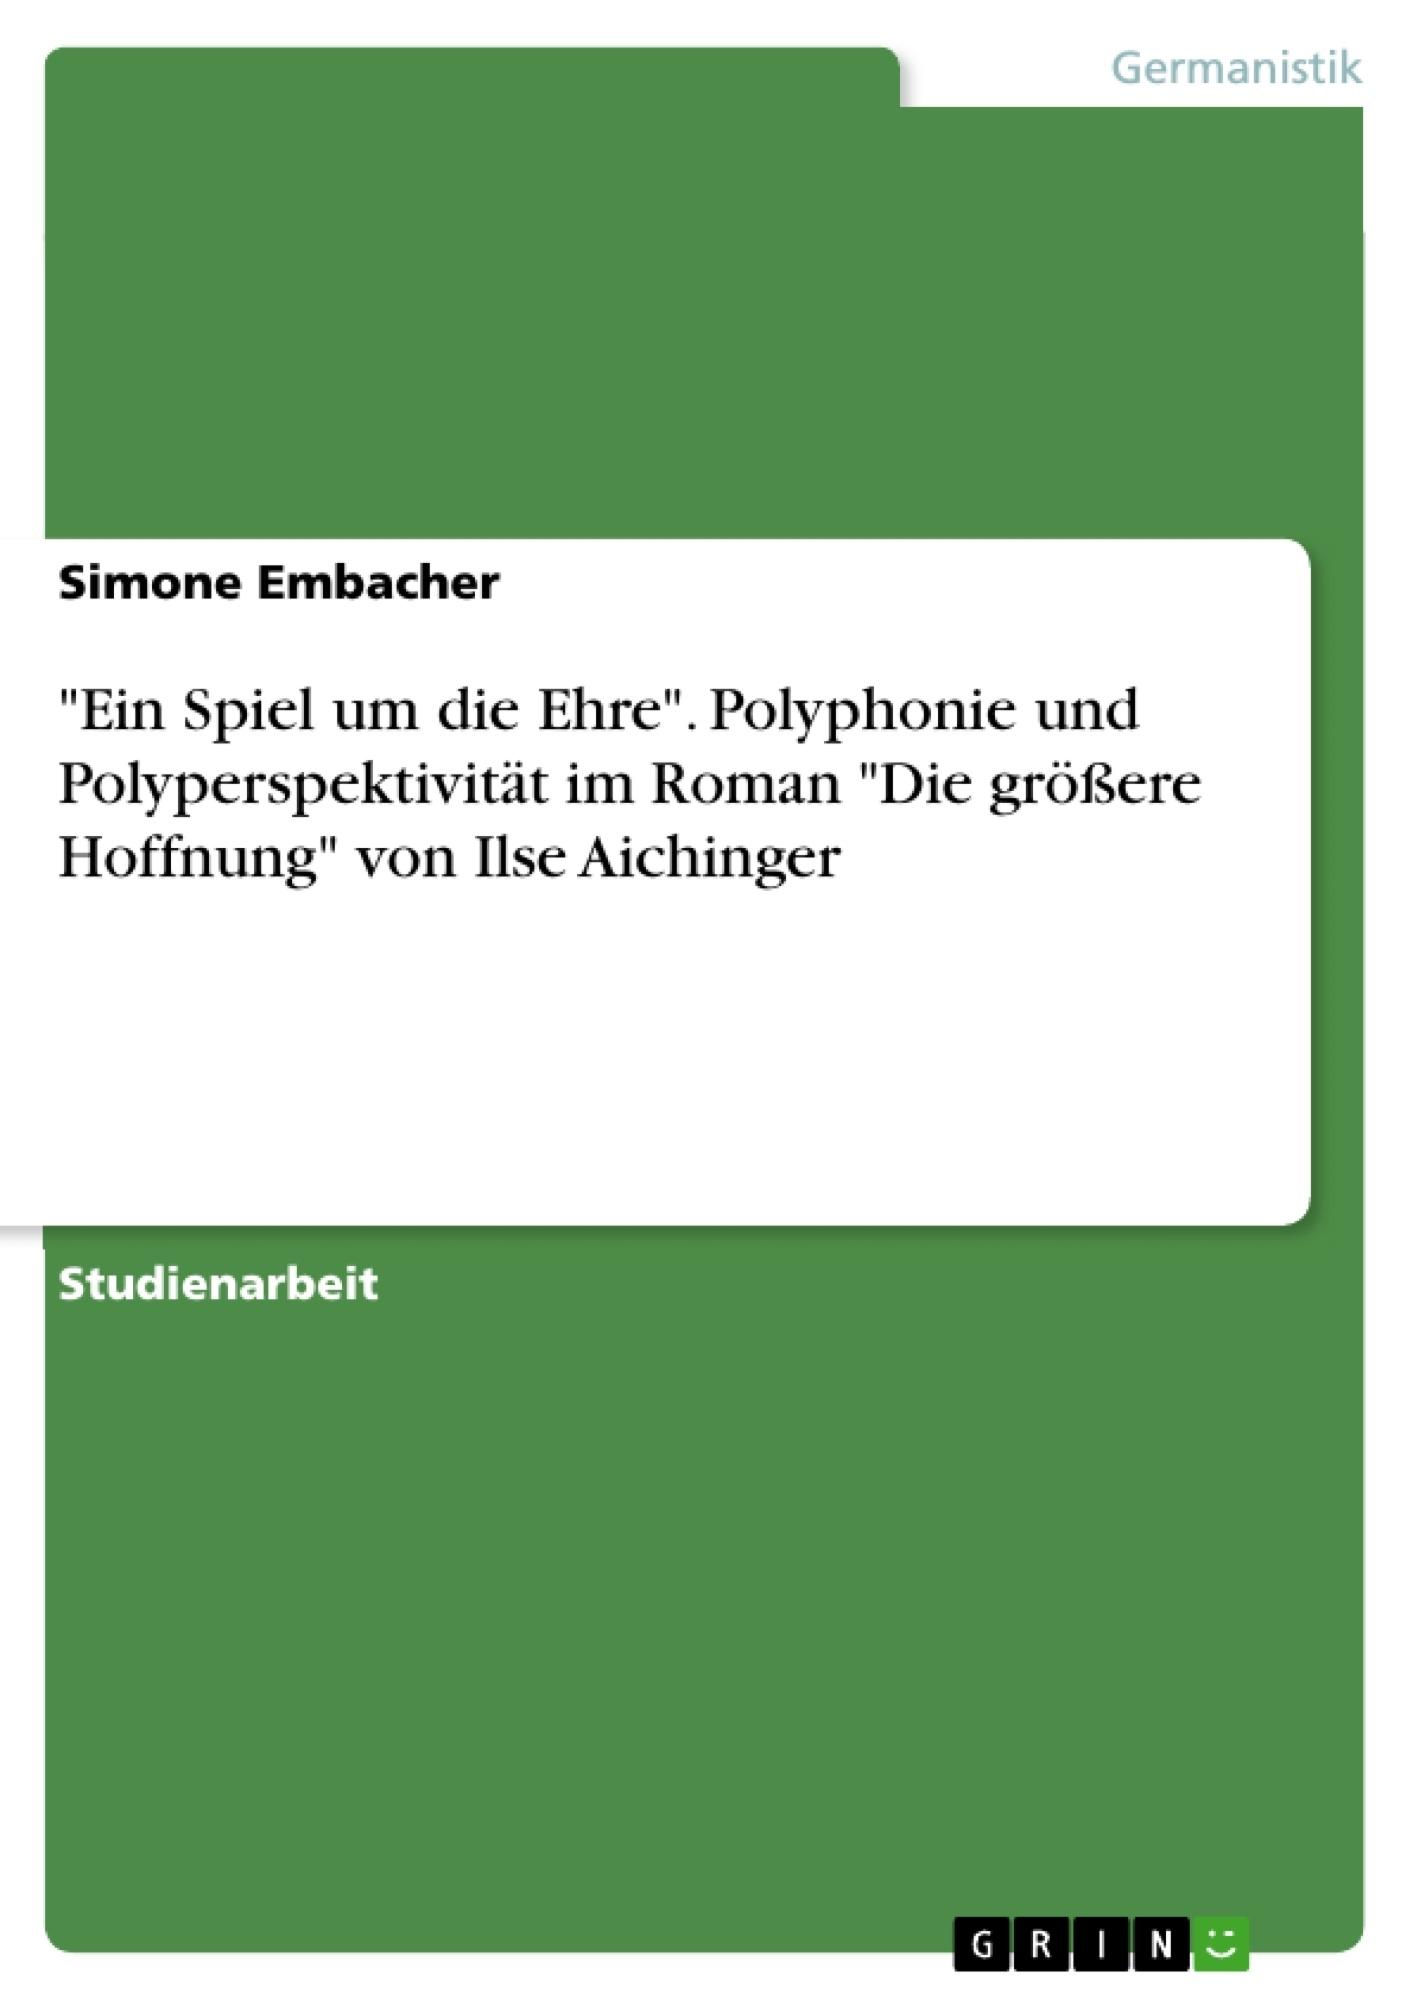 """Titel: """"Ein Spiel um die Ehre"""". Polyphonie und Polyperspektivität im Roman """"Die größere Hoffnung"""" von Ilse Aichinger"""